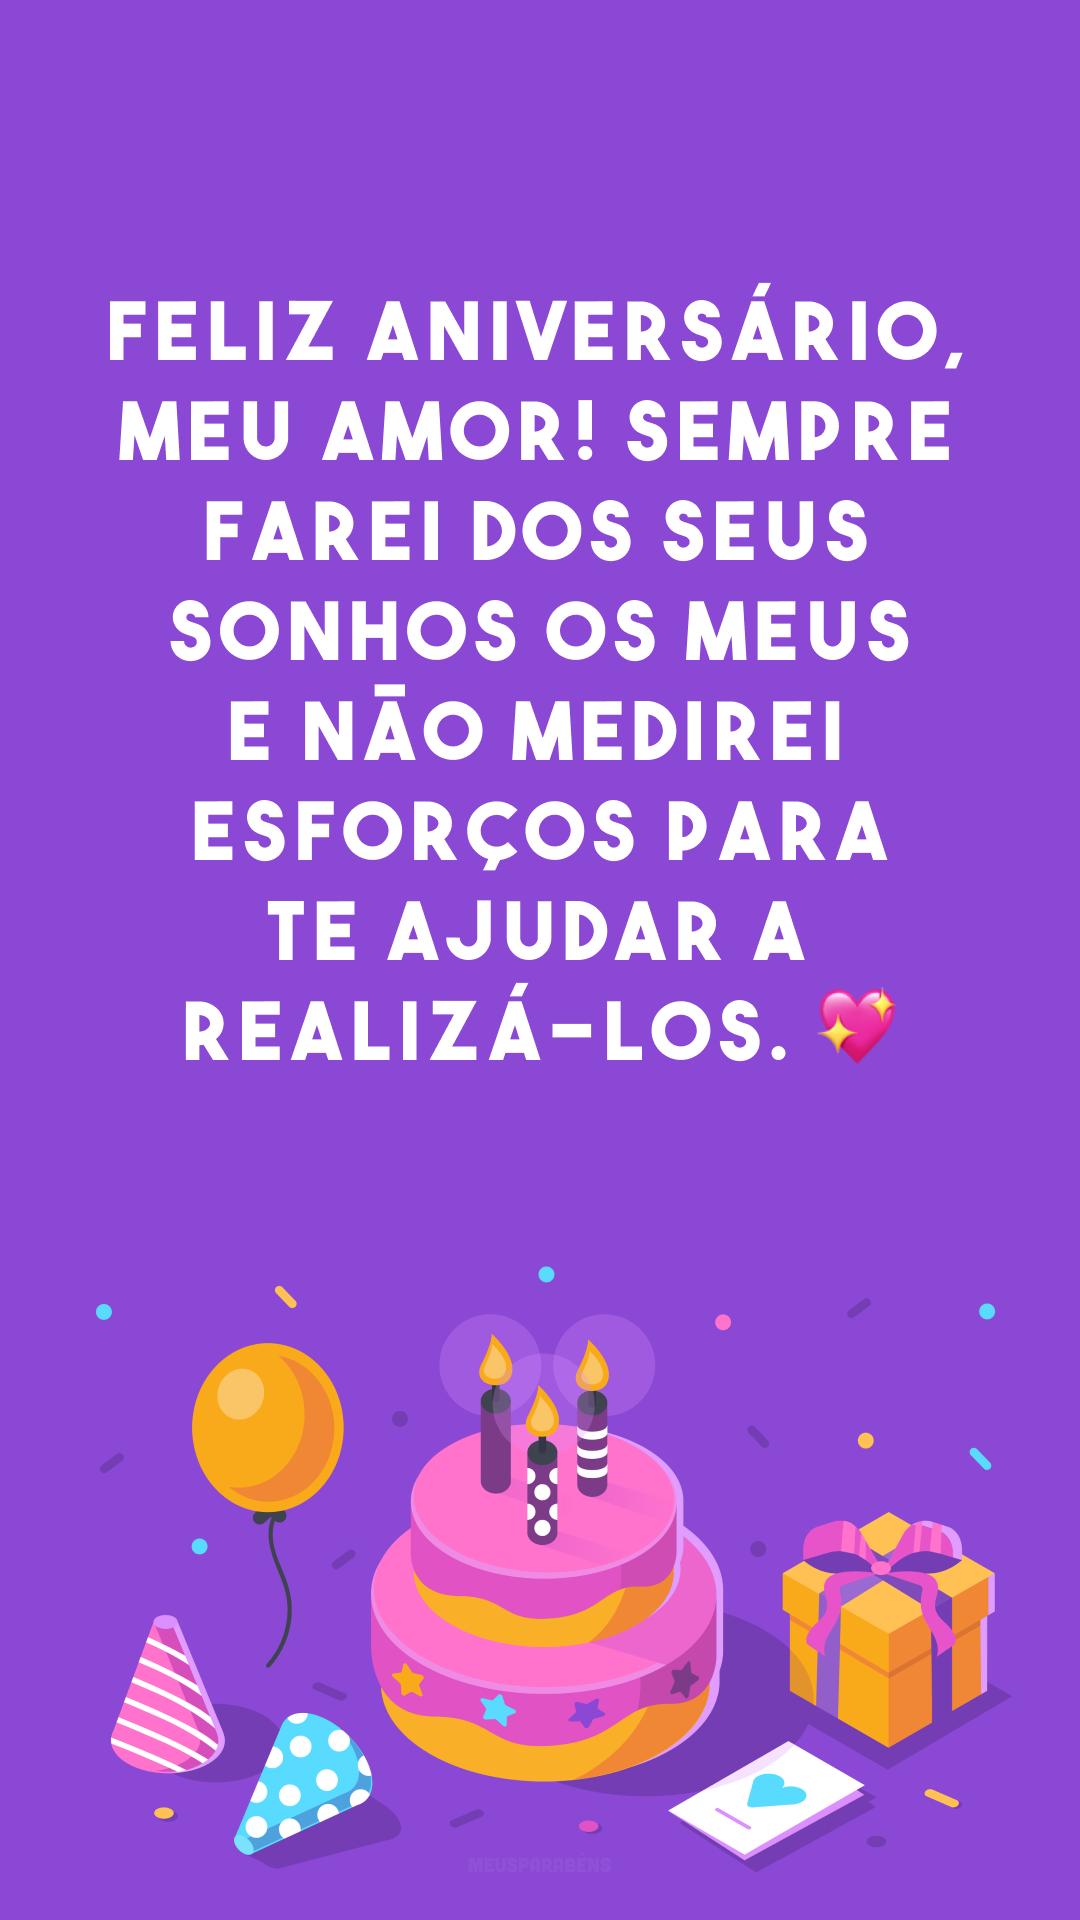 Feliz aniversário, meu amor! Sempre farei dos seus sonhos os meus e não medirei esforços para te ajudar a realizá-los. ?